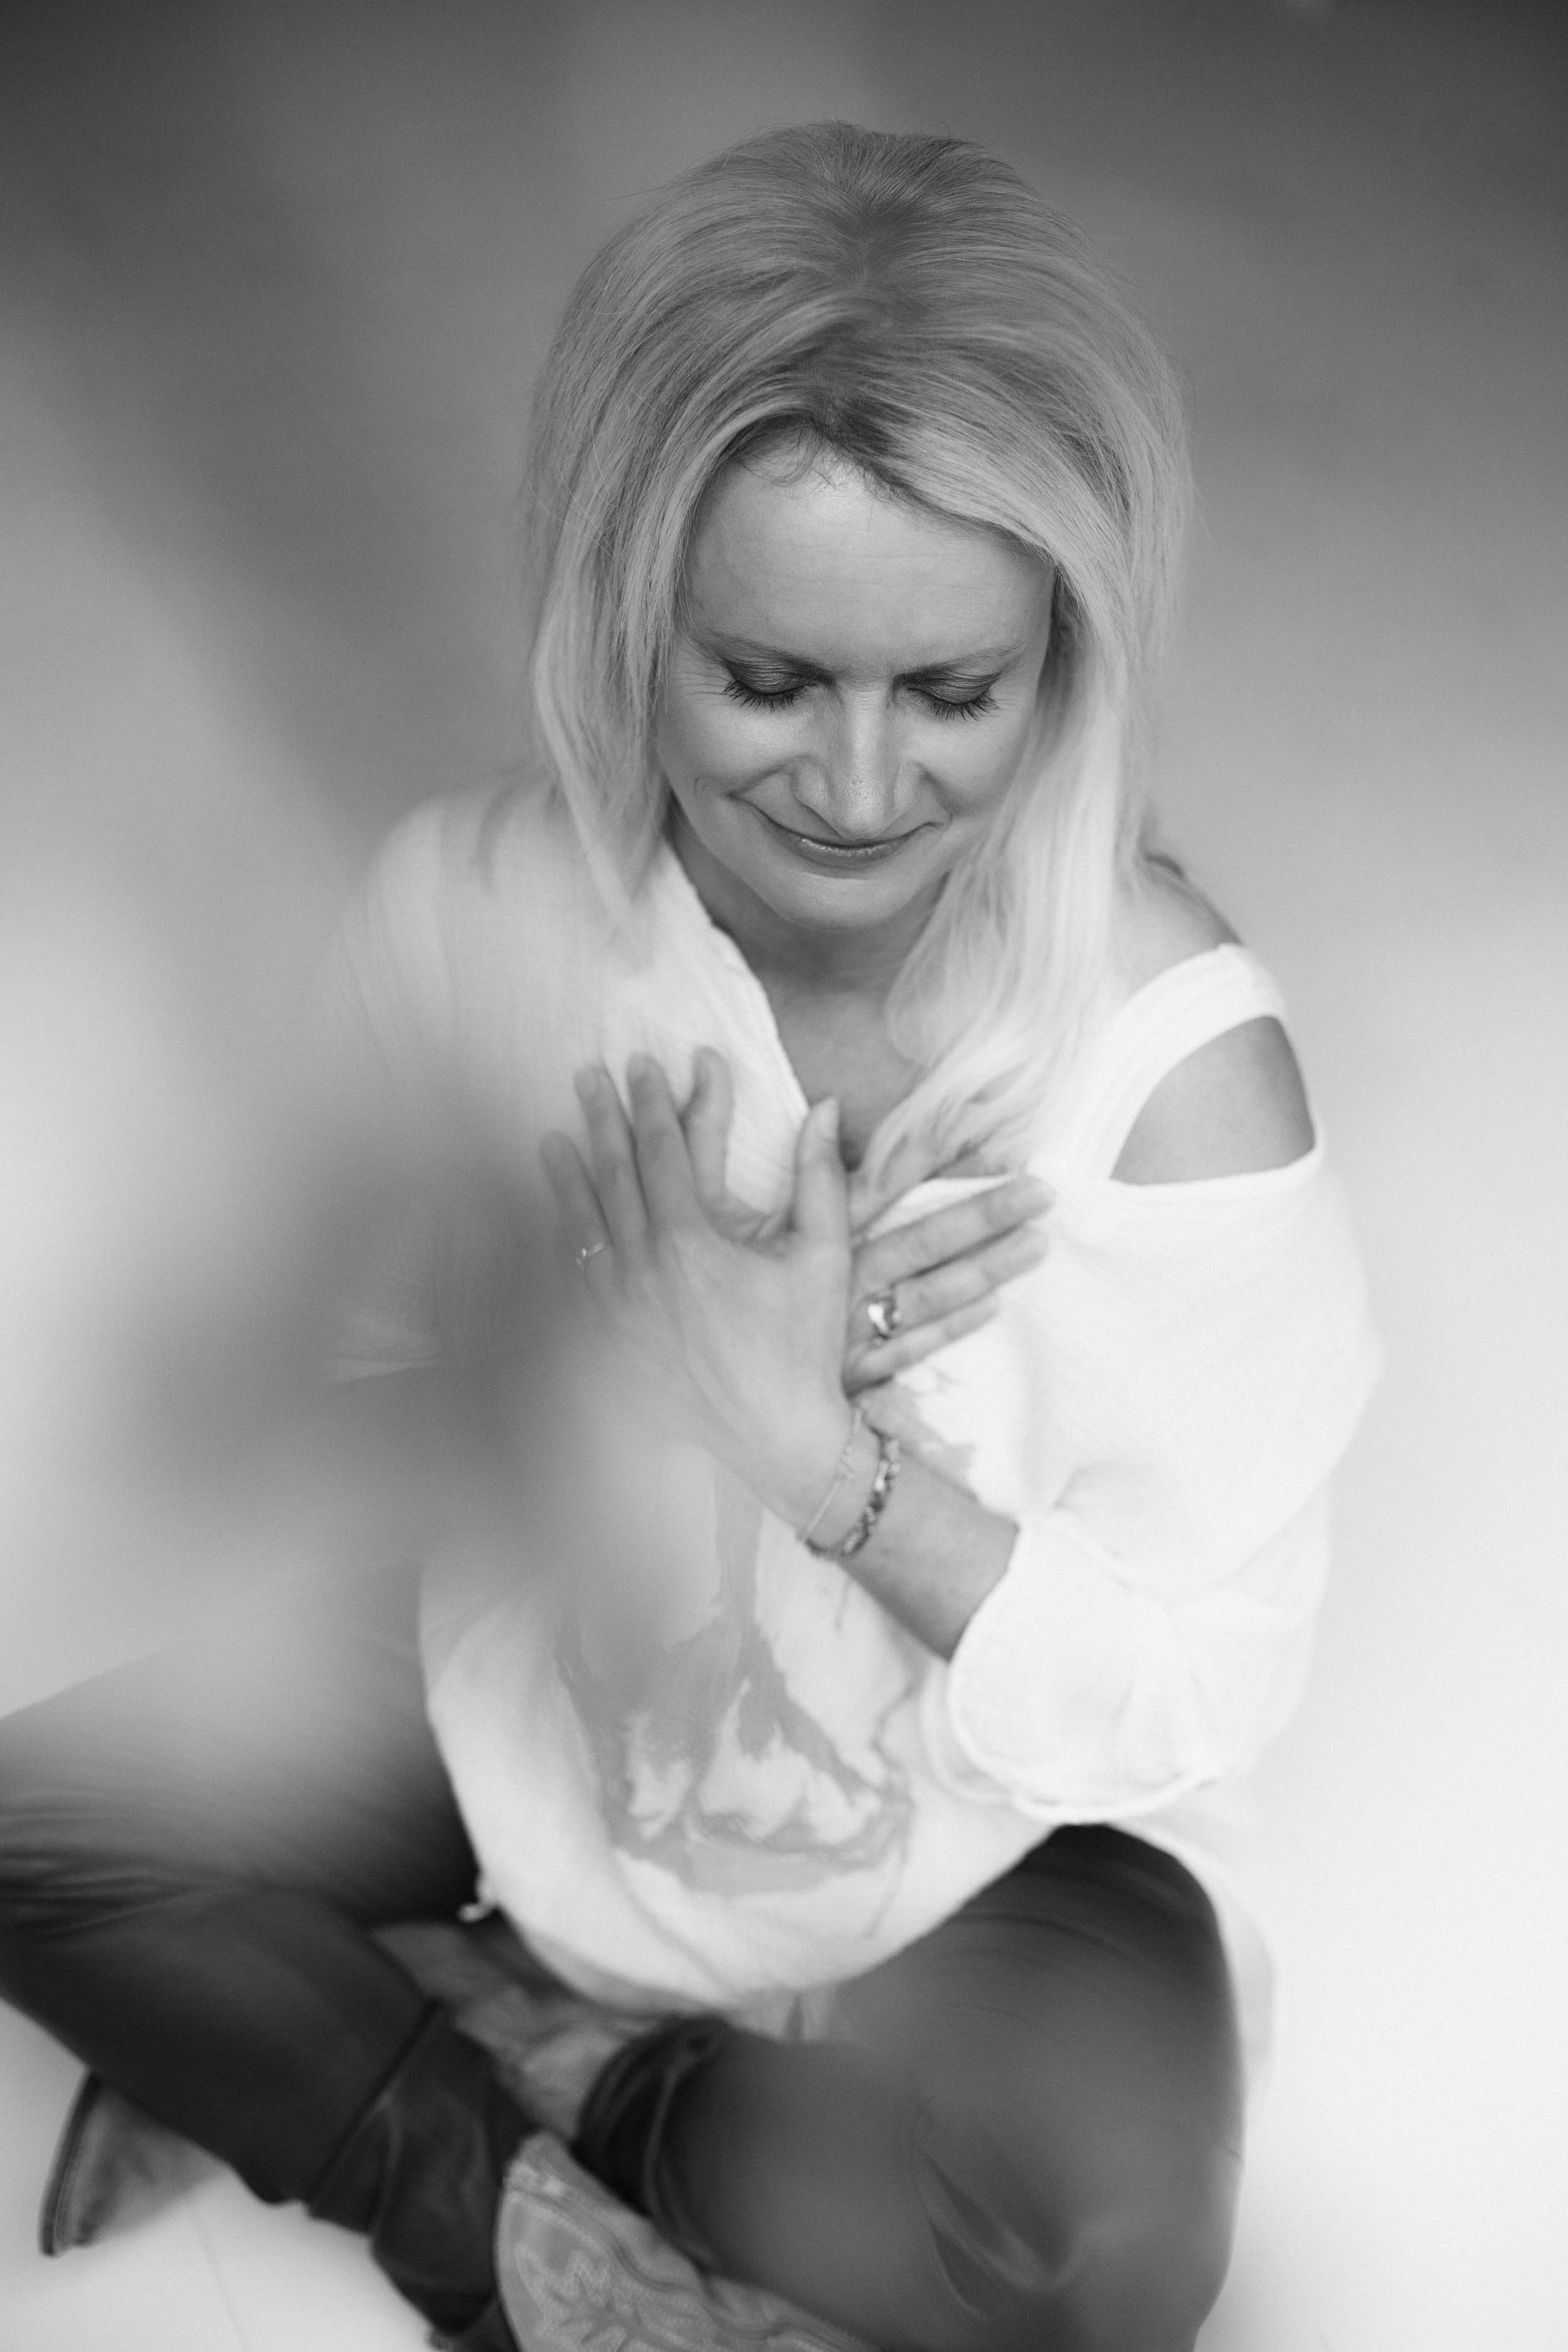 Stressbehandting odense - stressbehandling fyn - stress coach odense - stress coach fyn - stresscoach fyn - stresscoach odense psykoterapi Fyn - psykoterapi Odense - psykoterapi Svendborg